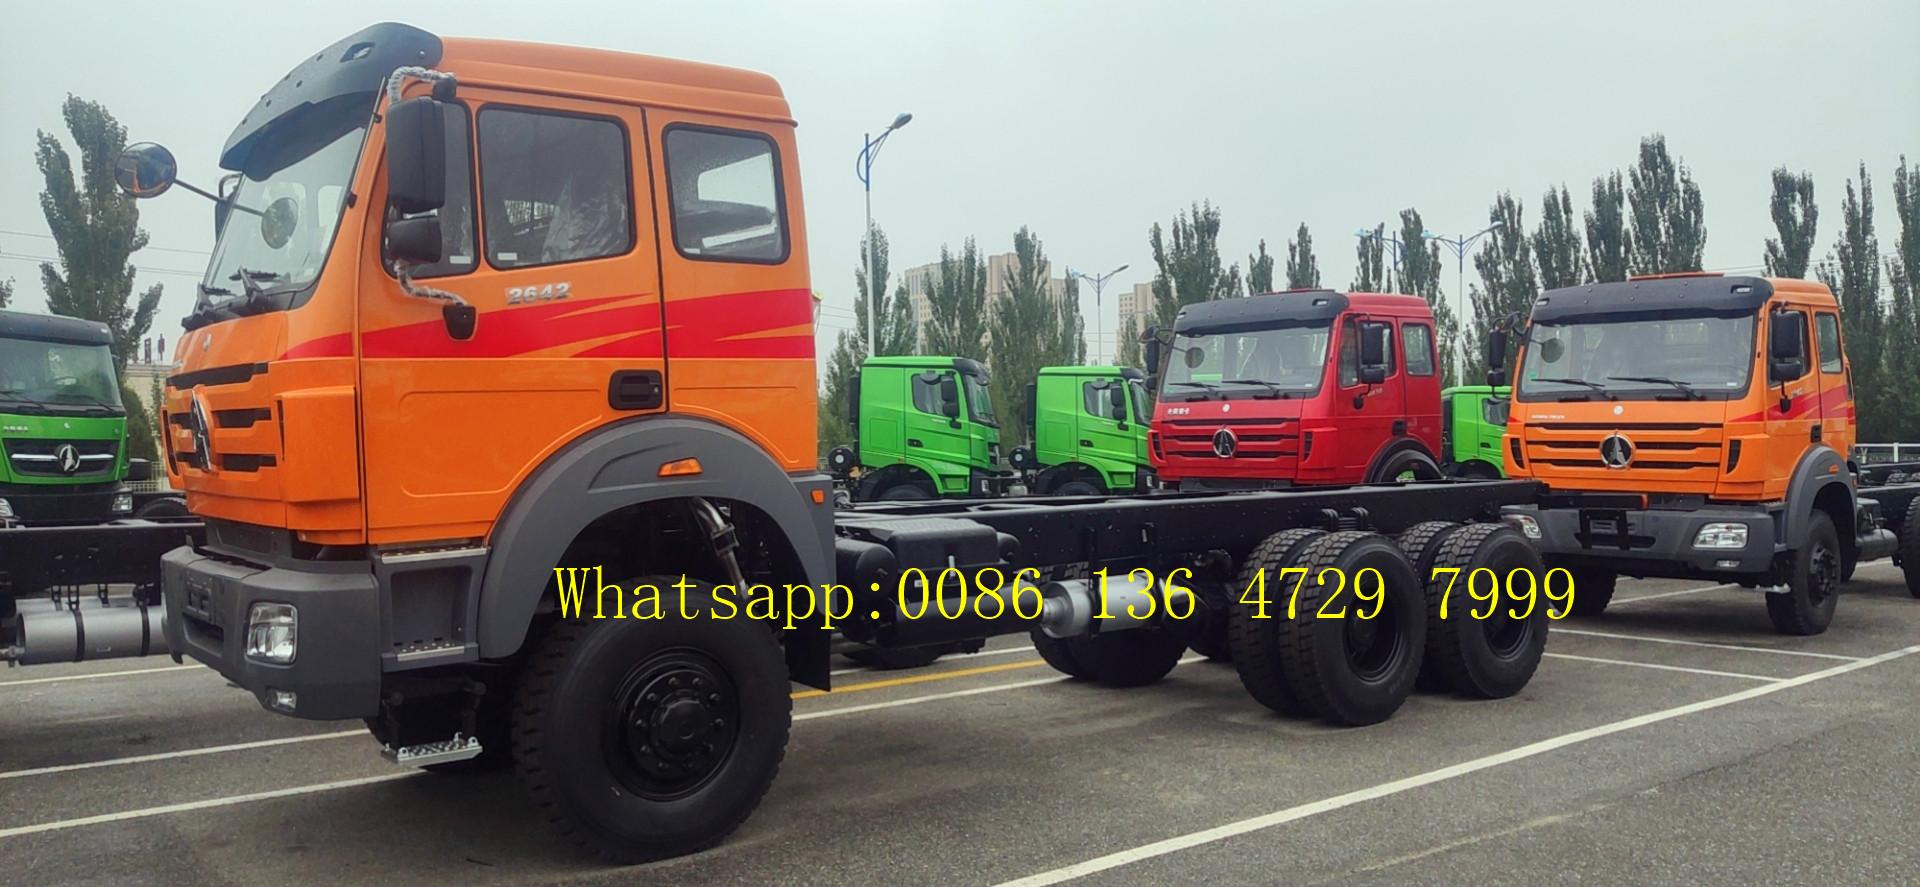 beiben 2642 truck chassis supplier